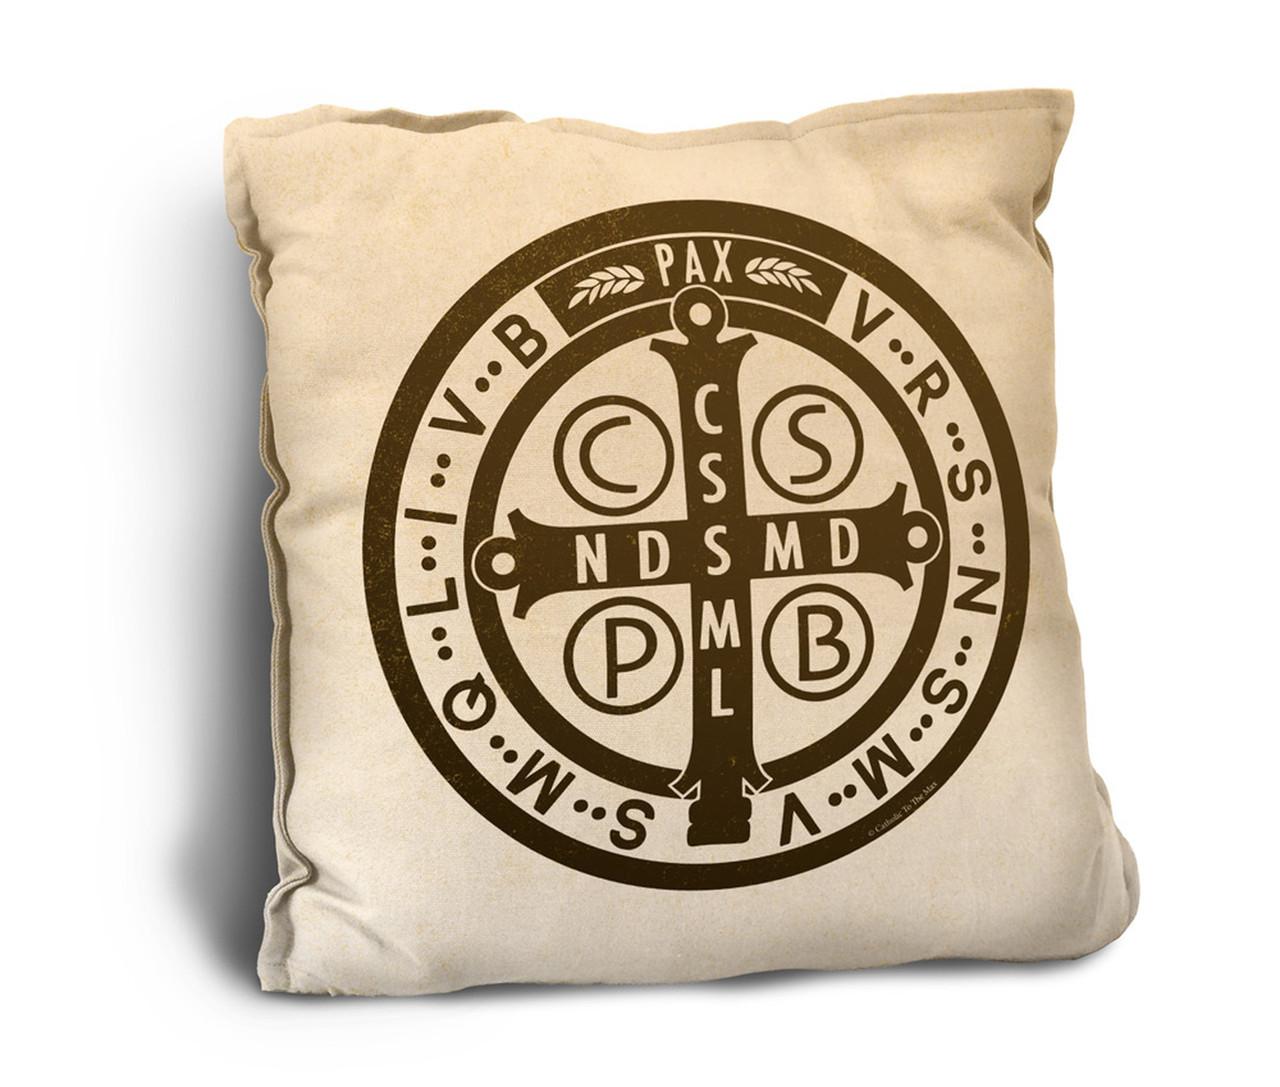 Benedictine Medal Rustic Pillow